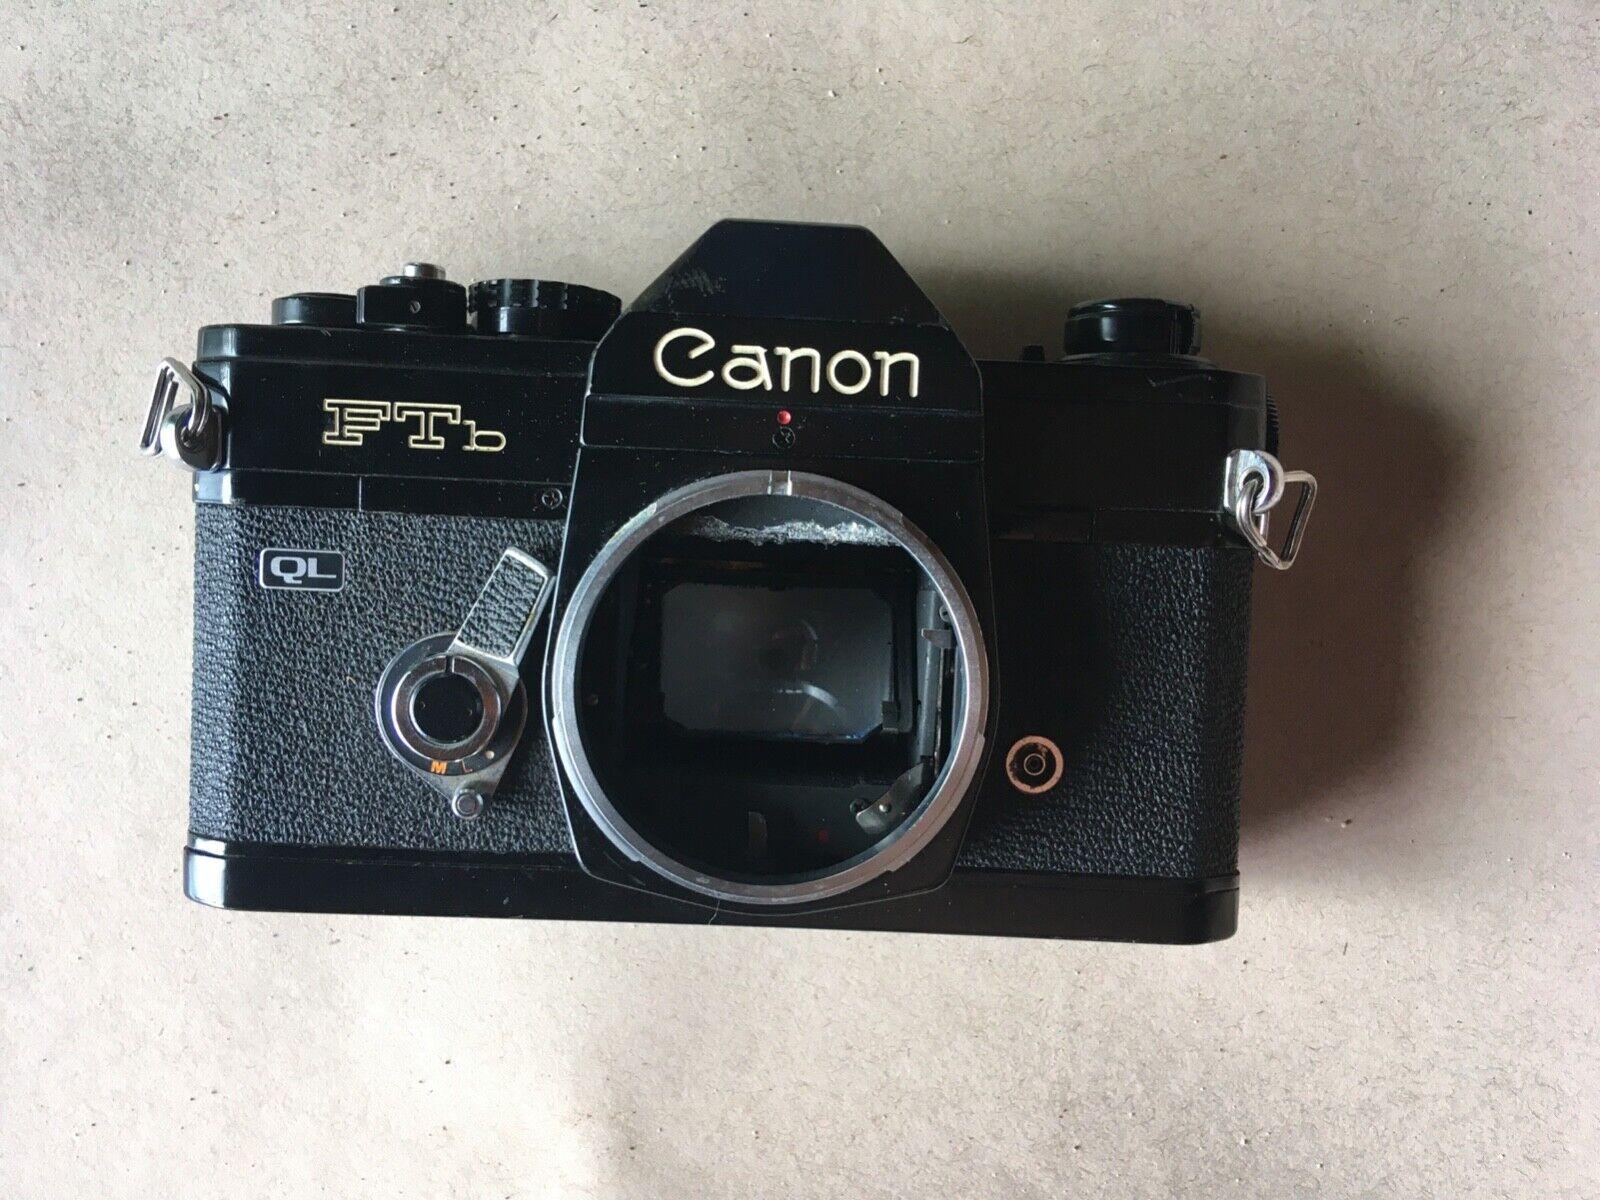 Canon FTb QL Black Film SLR Camera light Meter Doesnt Work  - $15.00